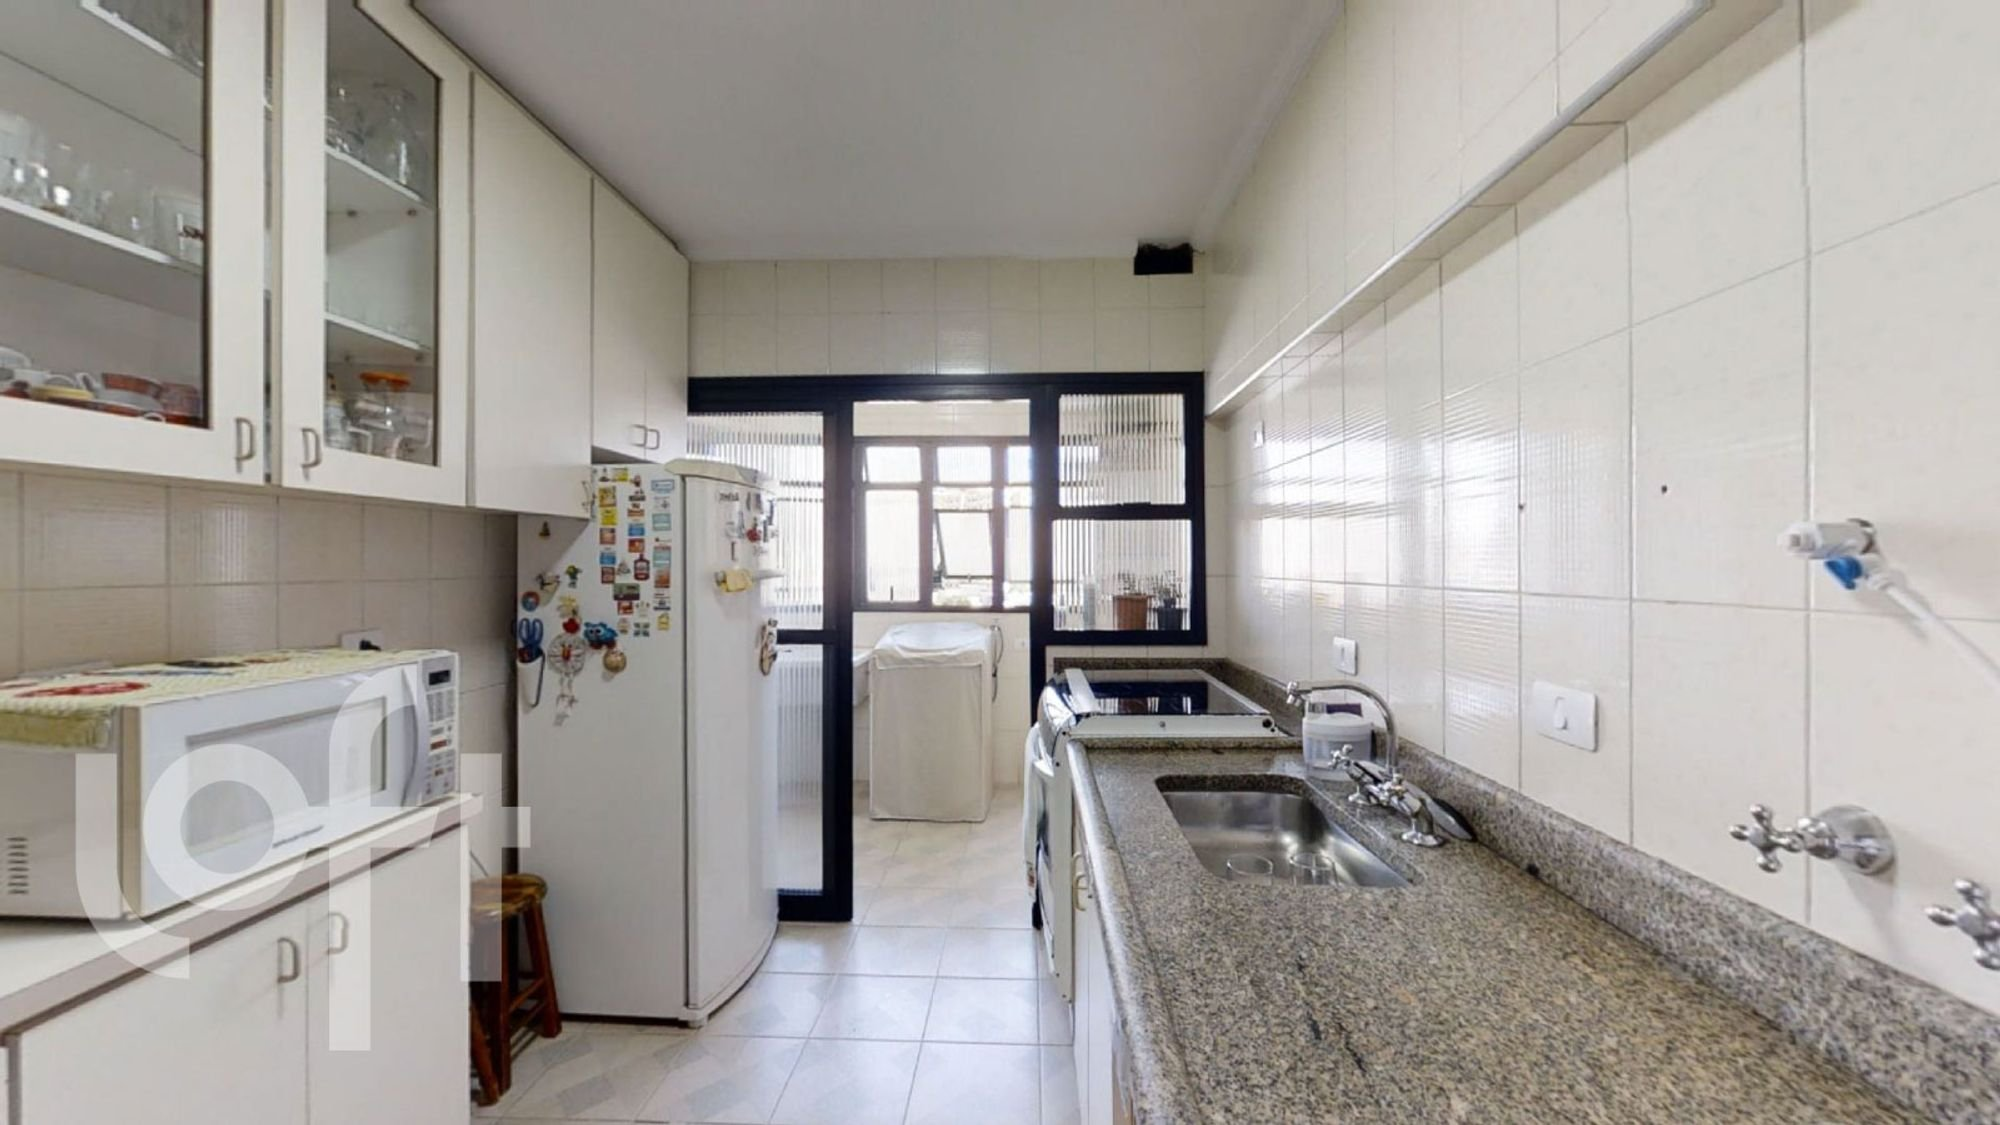 Foto de Cozinha com copo de vinho, geladeira, pia, microondas